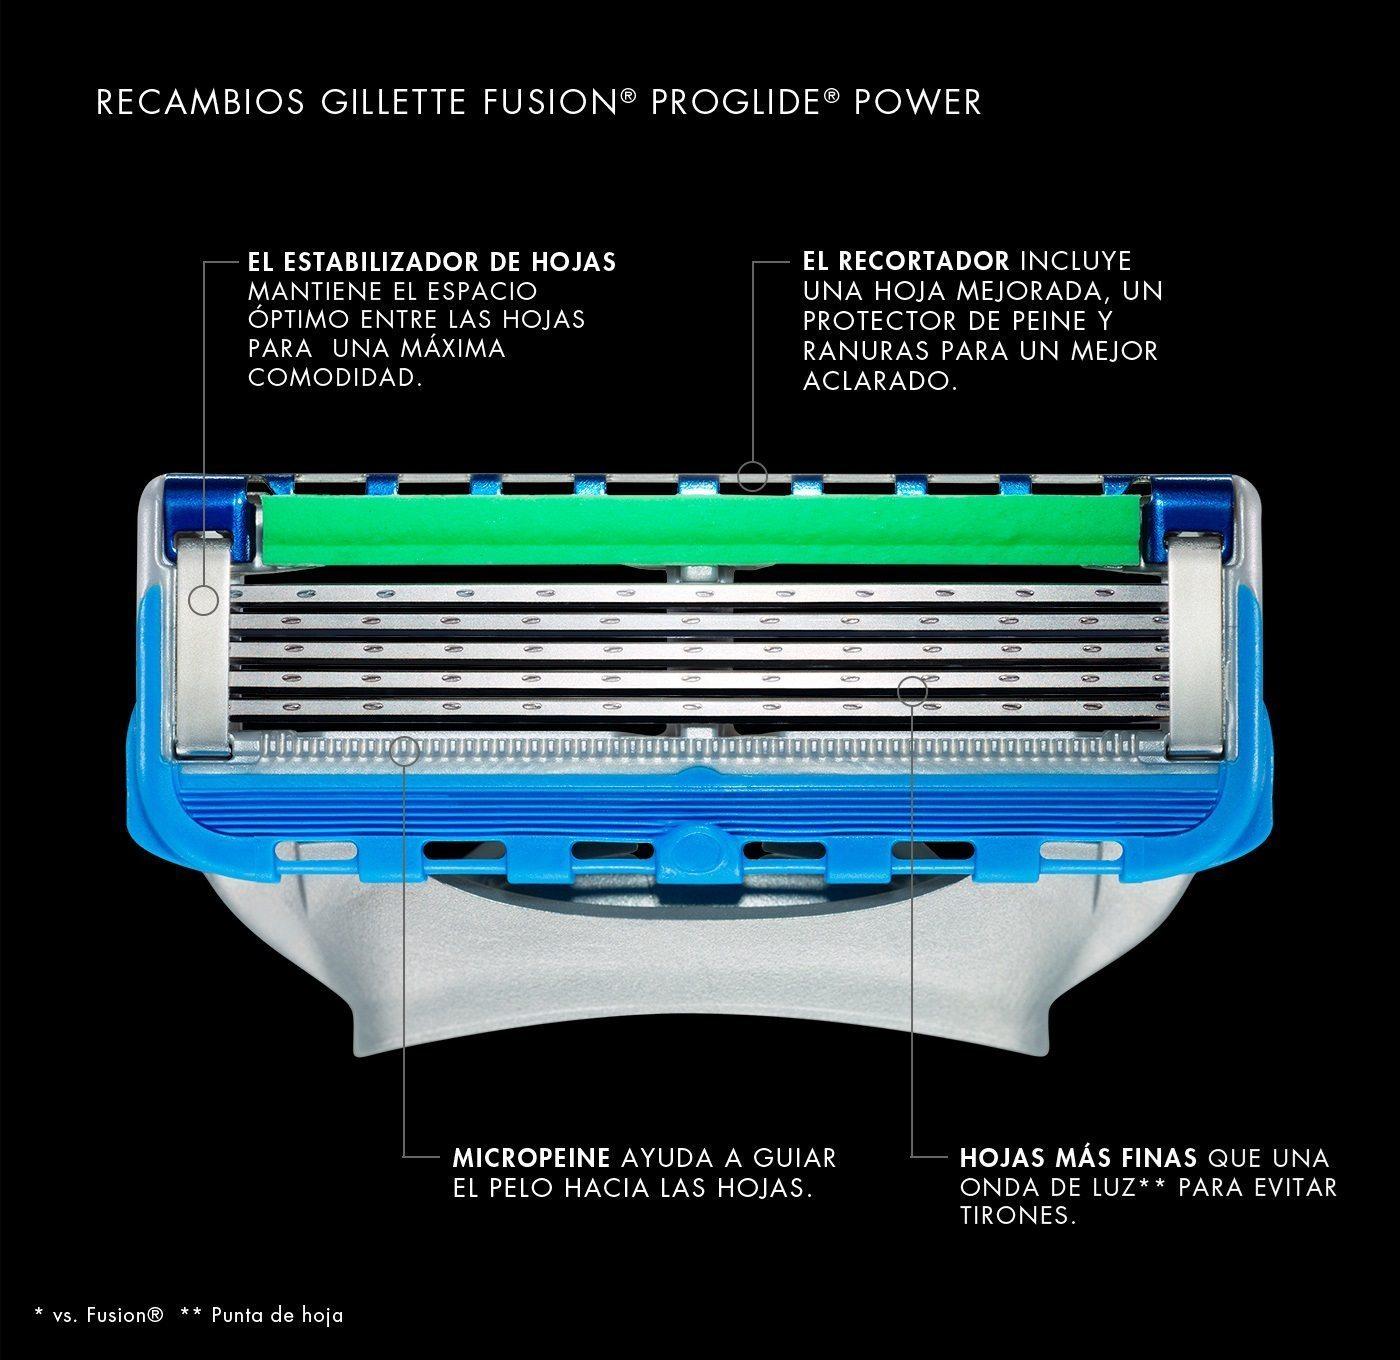 detalles Gillette Fusion ProGlide Power Cuchillas oferta chollo recambios